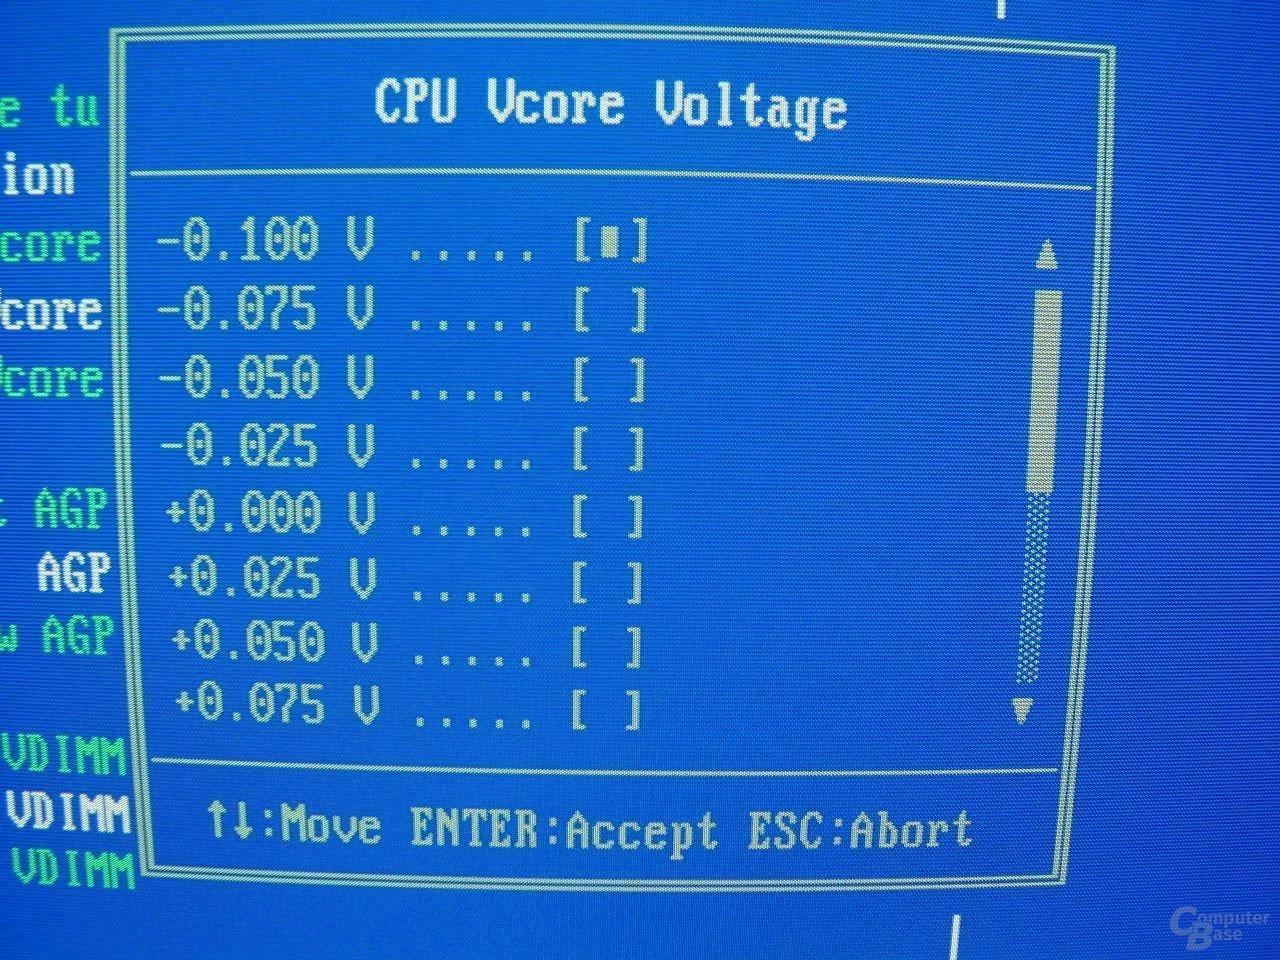 EP-4GEAEI - BIOS - VCore